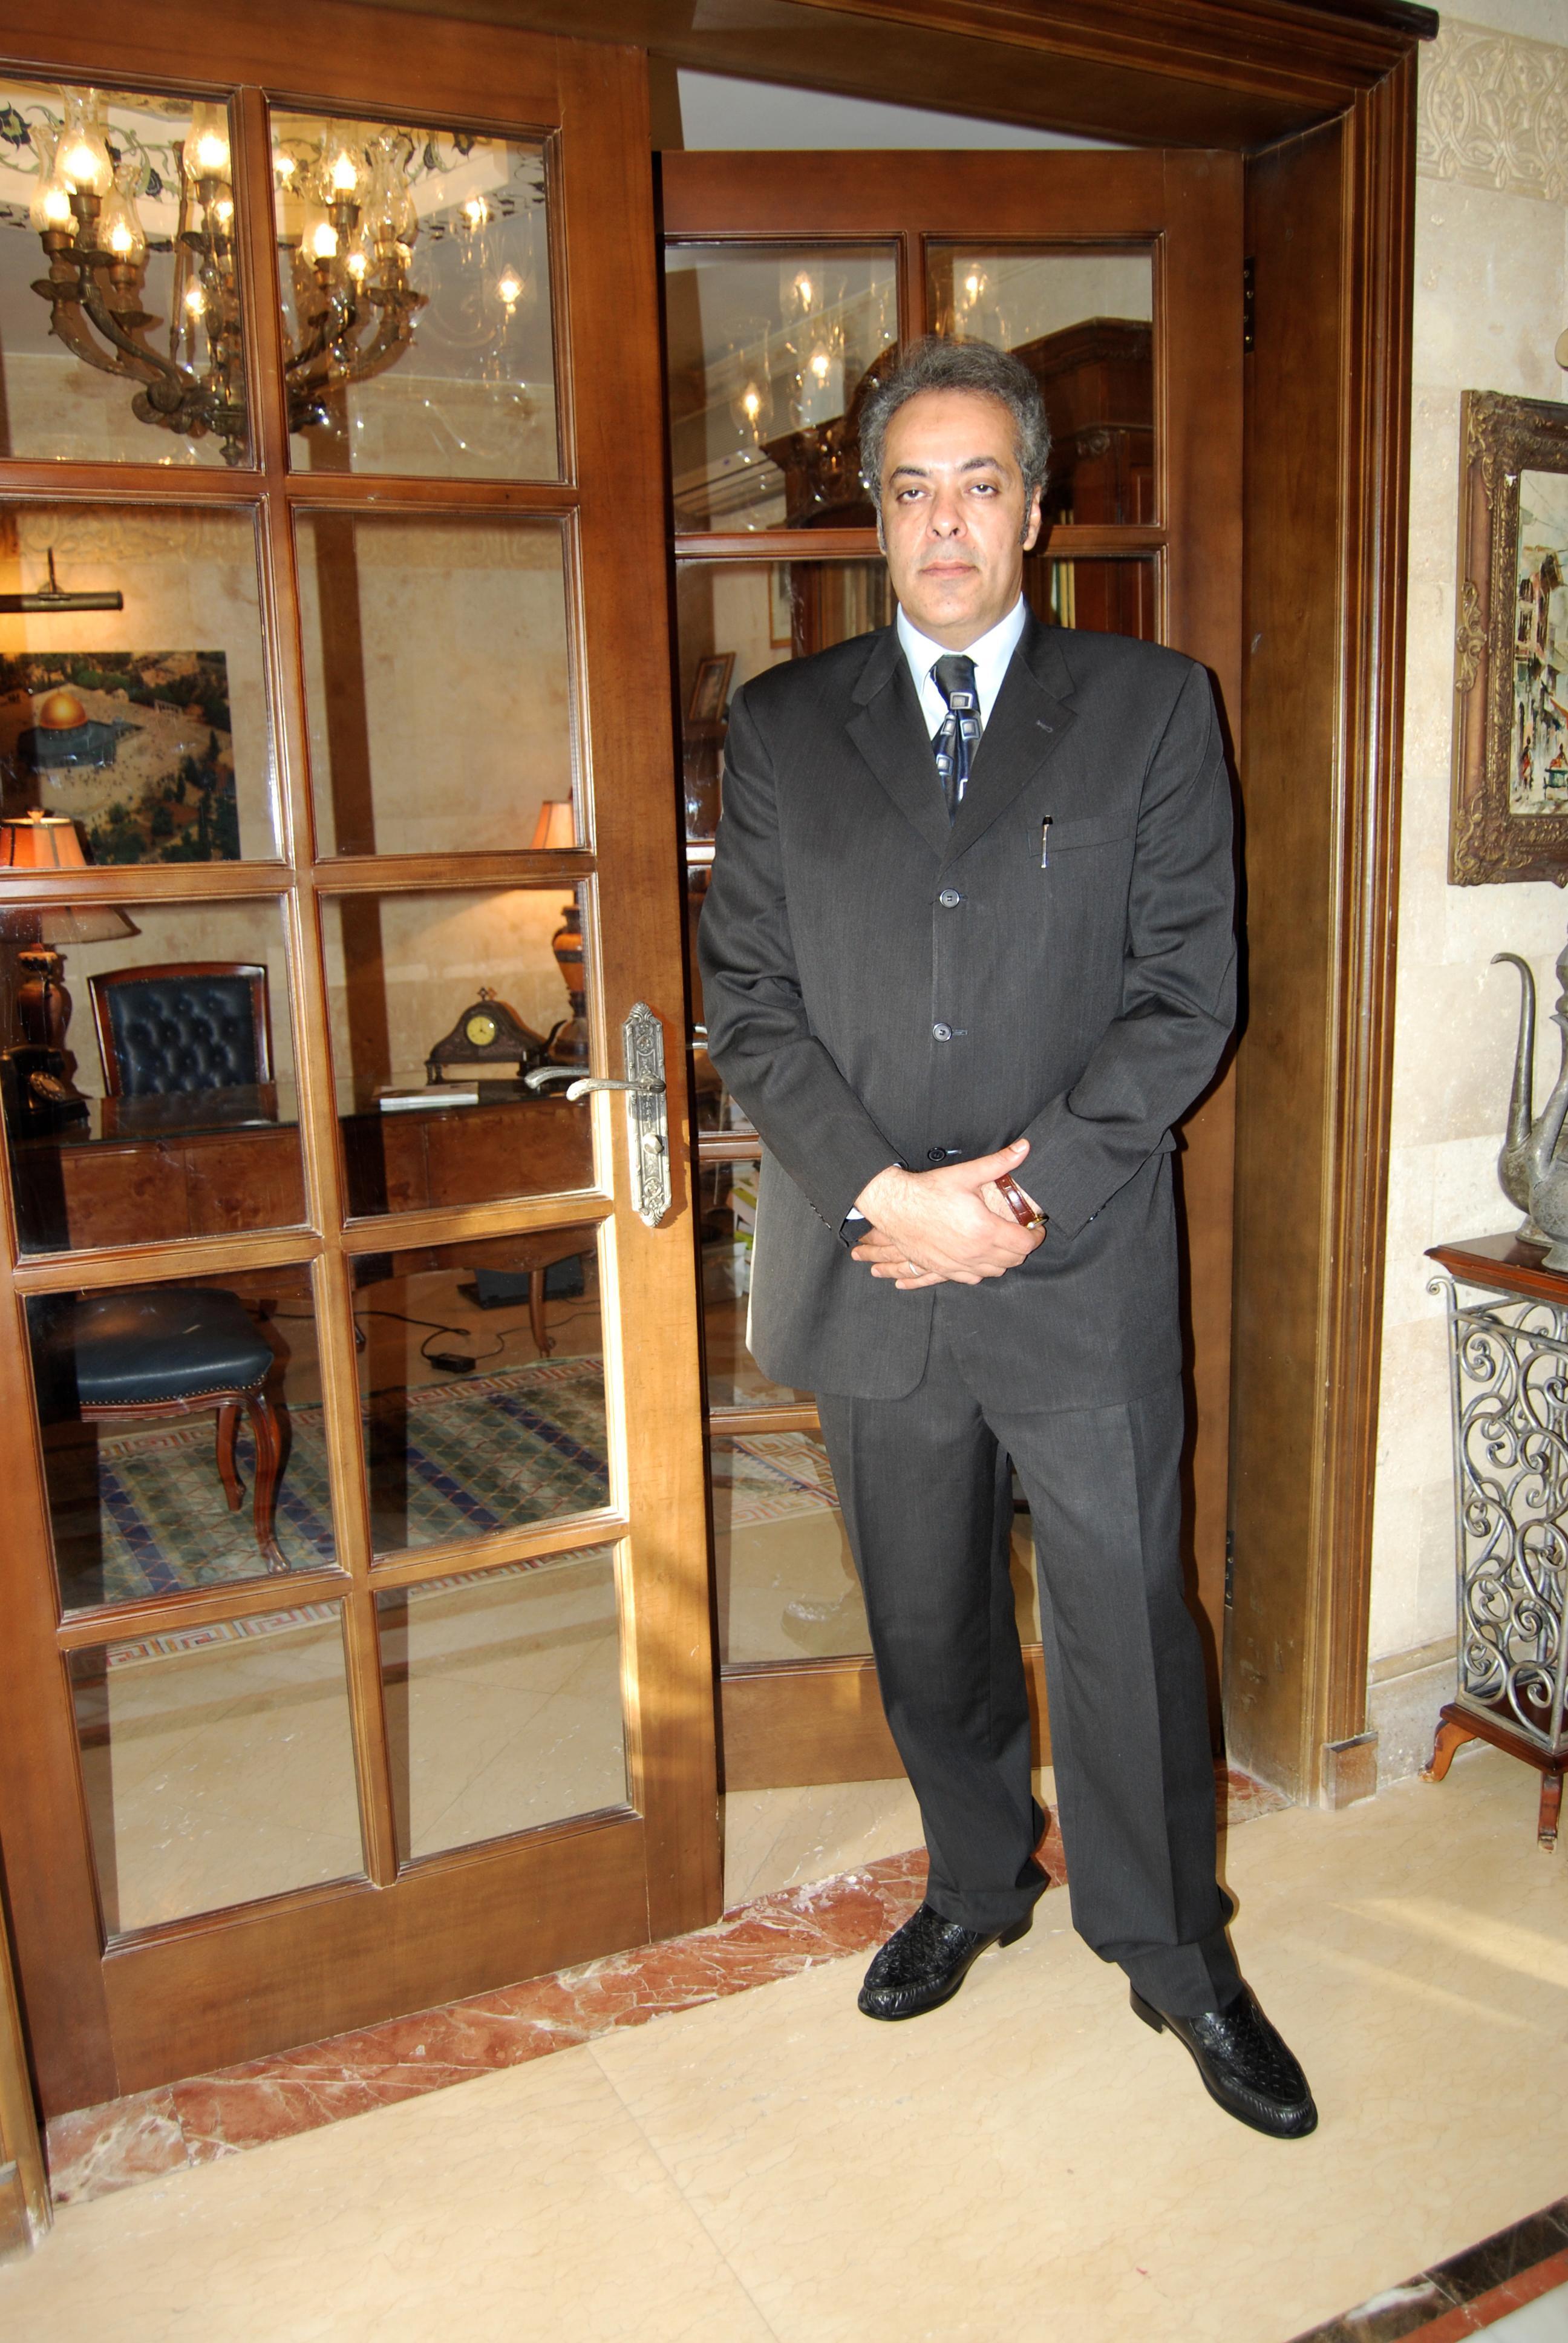 د. جمال سلامة أستاذ ورئيس قسم العلوم السياسية